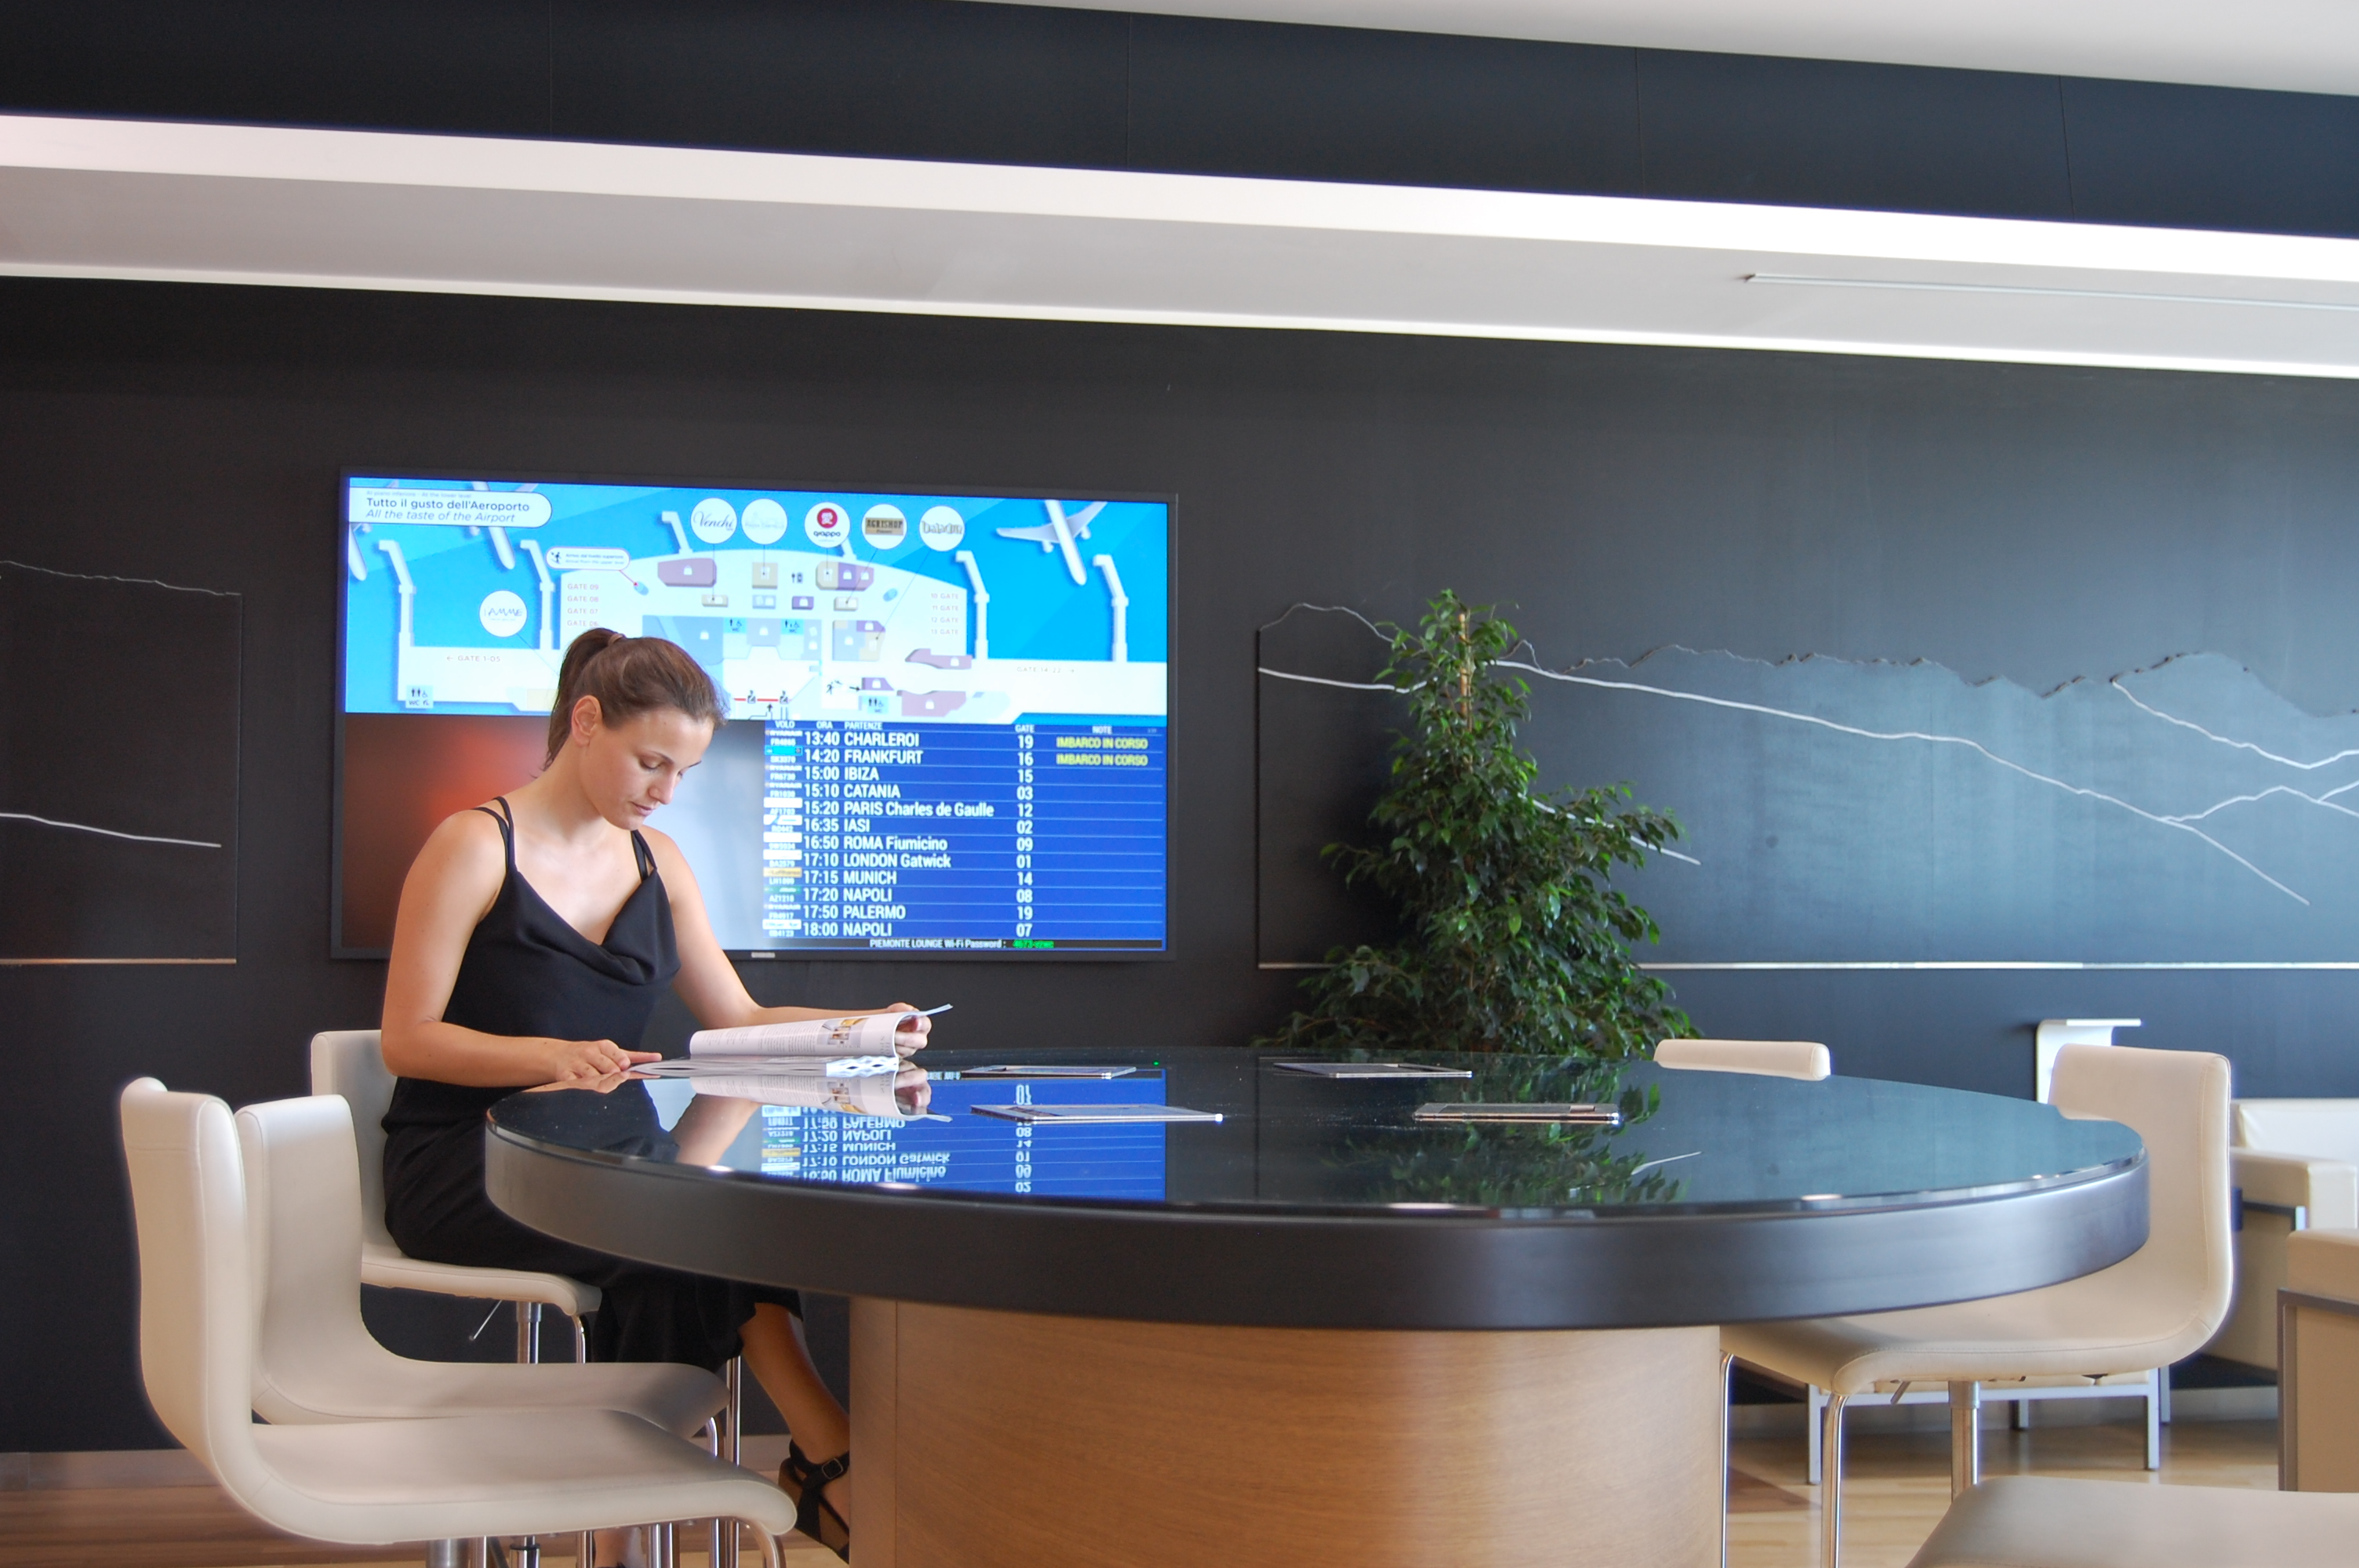 Sala Fumatori Aeroporto Palermo : Sala fumatori aeroporto napoli dove dormire a napoli benbo